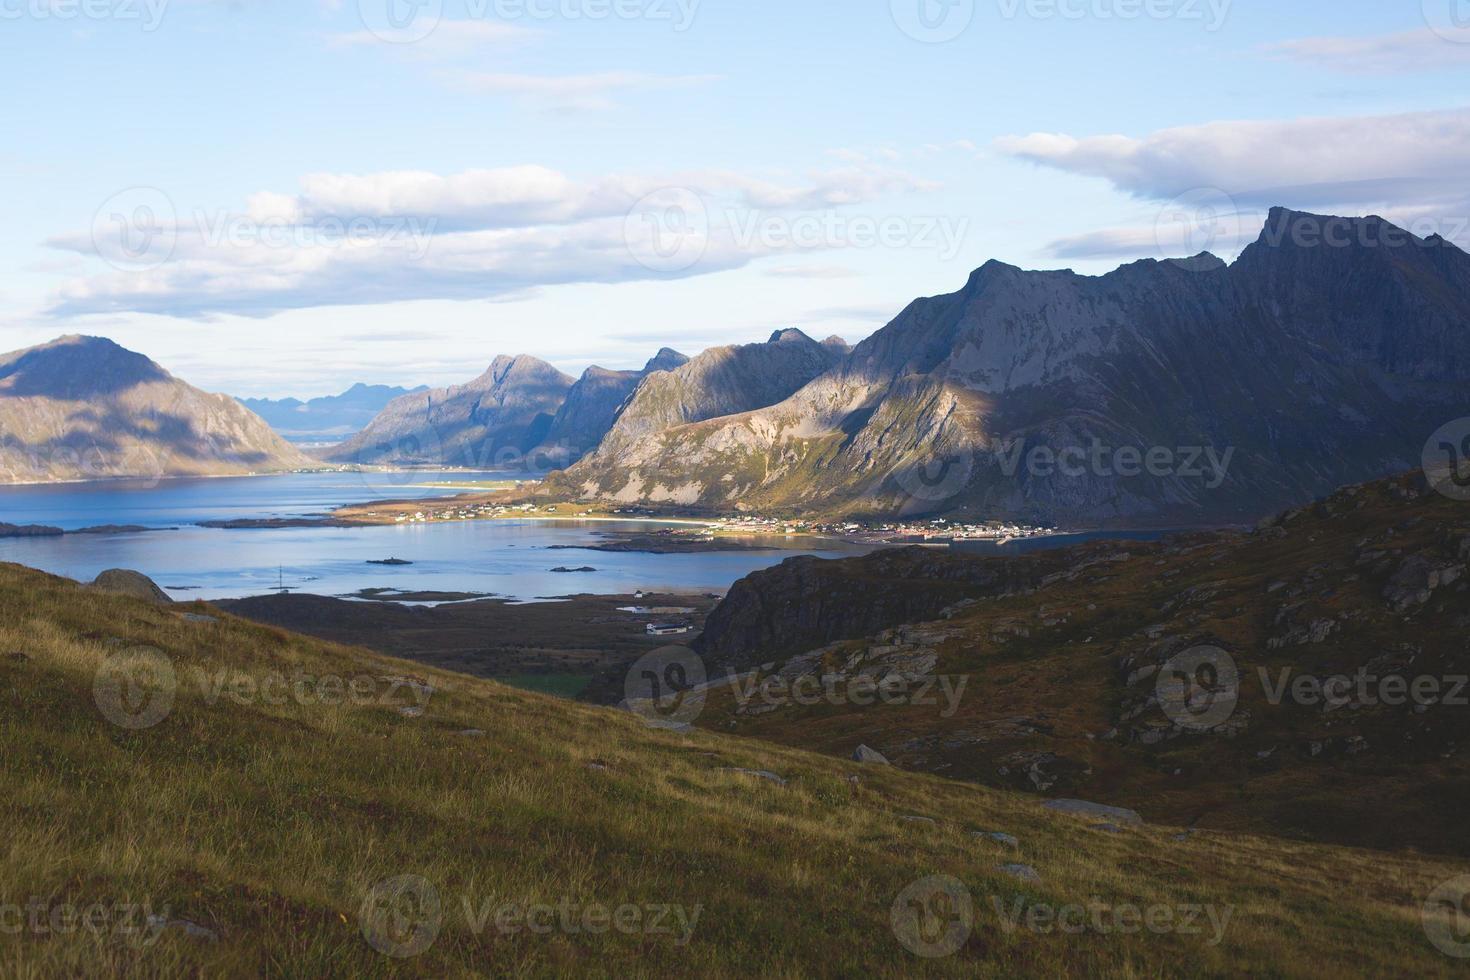 sommarnorsk landskap med utsikt över ryten, Lofoten, Nordland foto